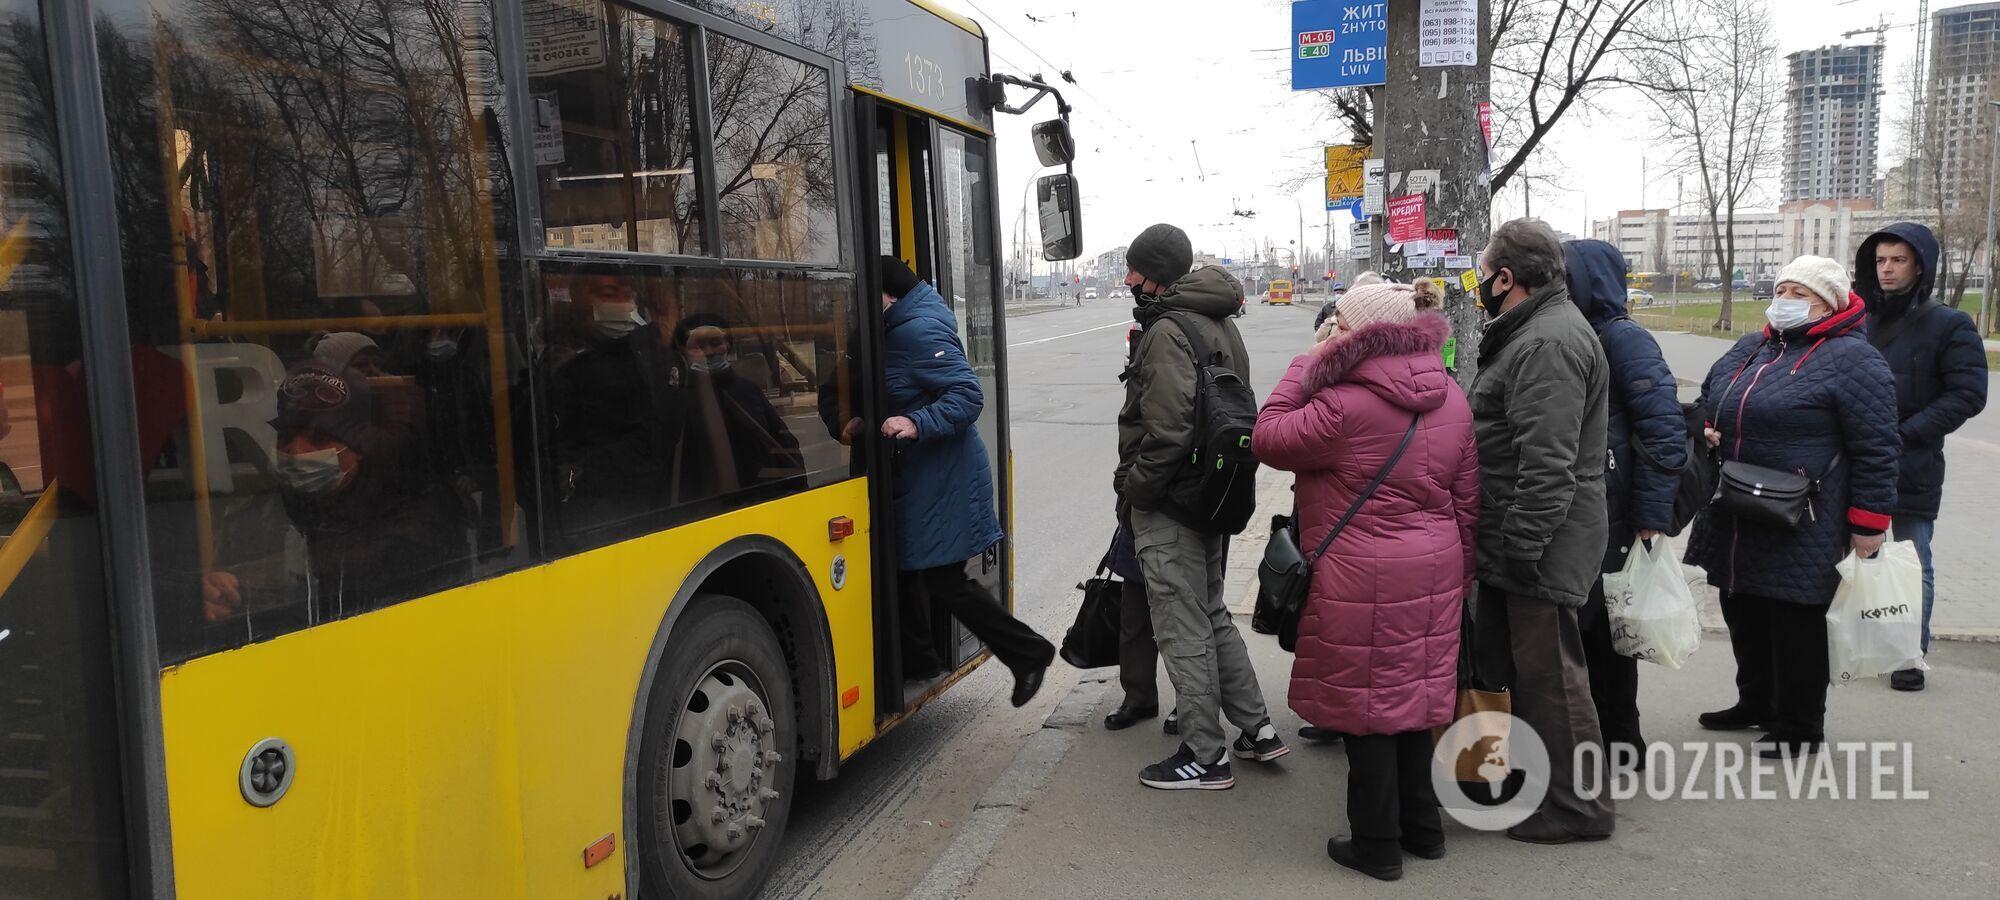 Якщо тролейбус зупиняється, то запускають максимум пару чоловік.